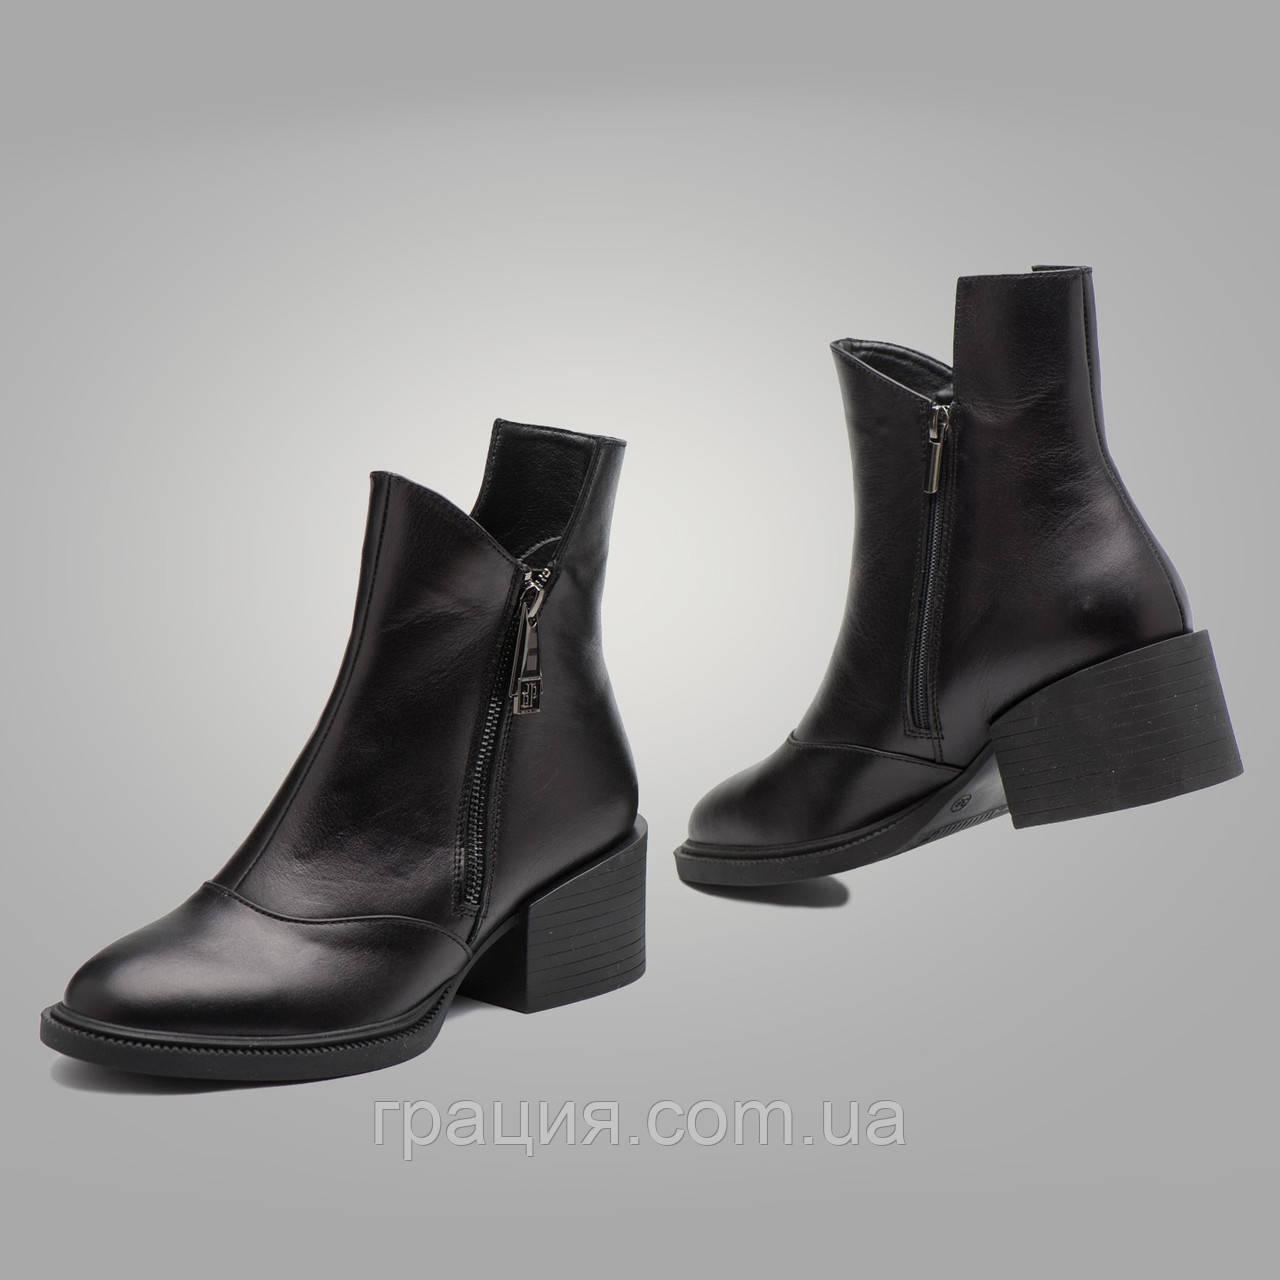 Стильные кожаные молодежные  зимние ботинки